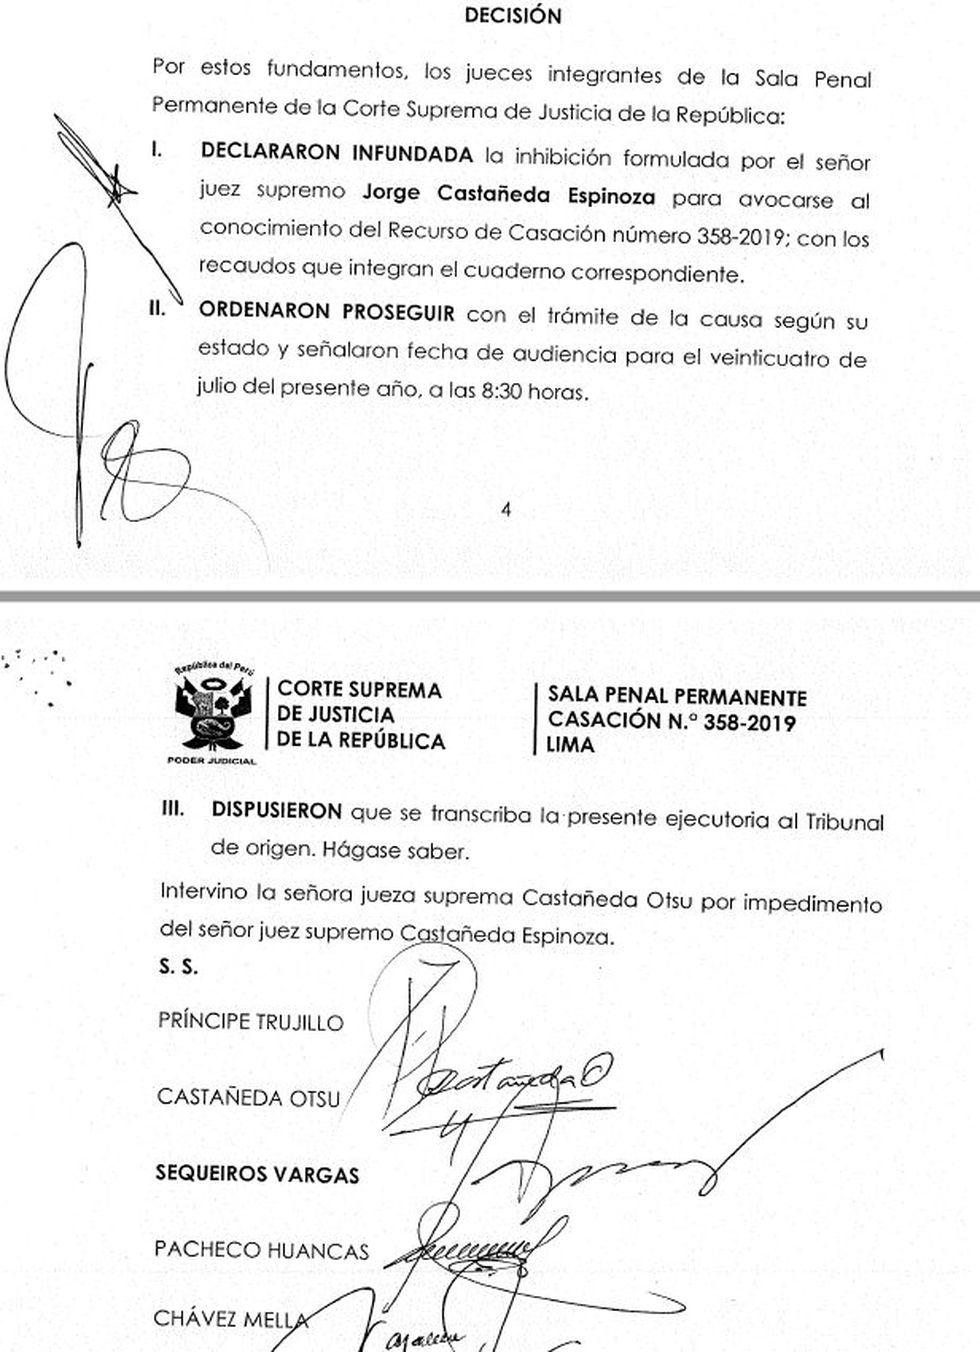 Decisión de la Sala Penal Permanente sobre inhibición del juez Jorge Castañeda Espinoza.